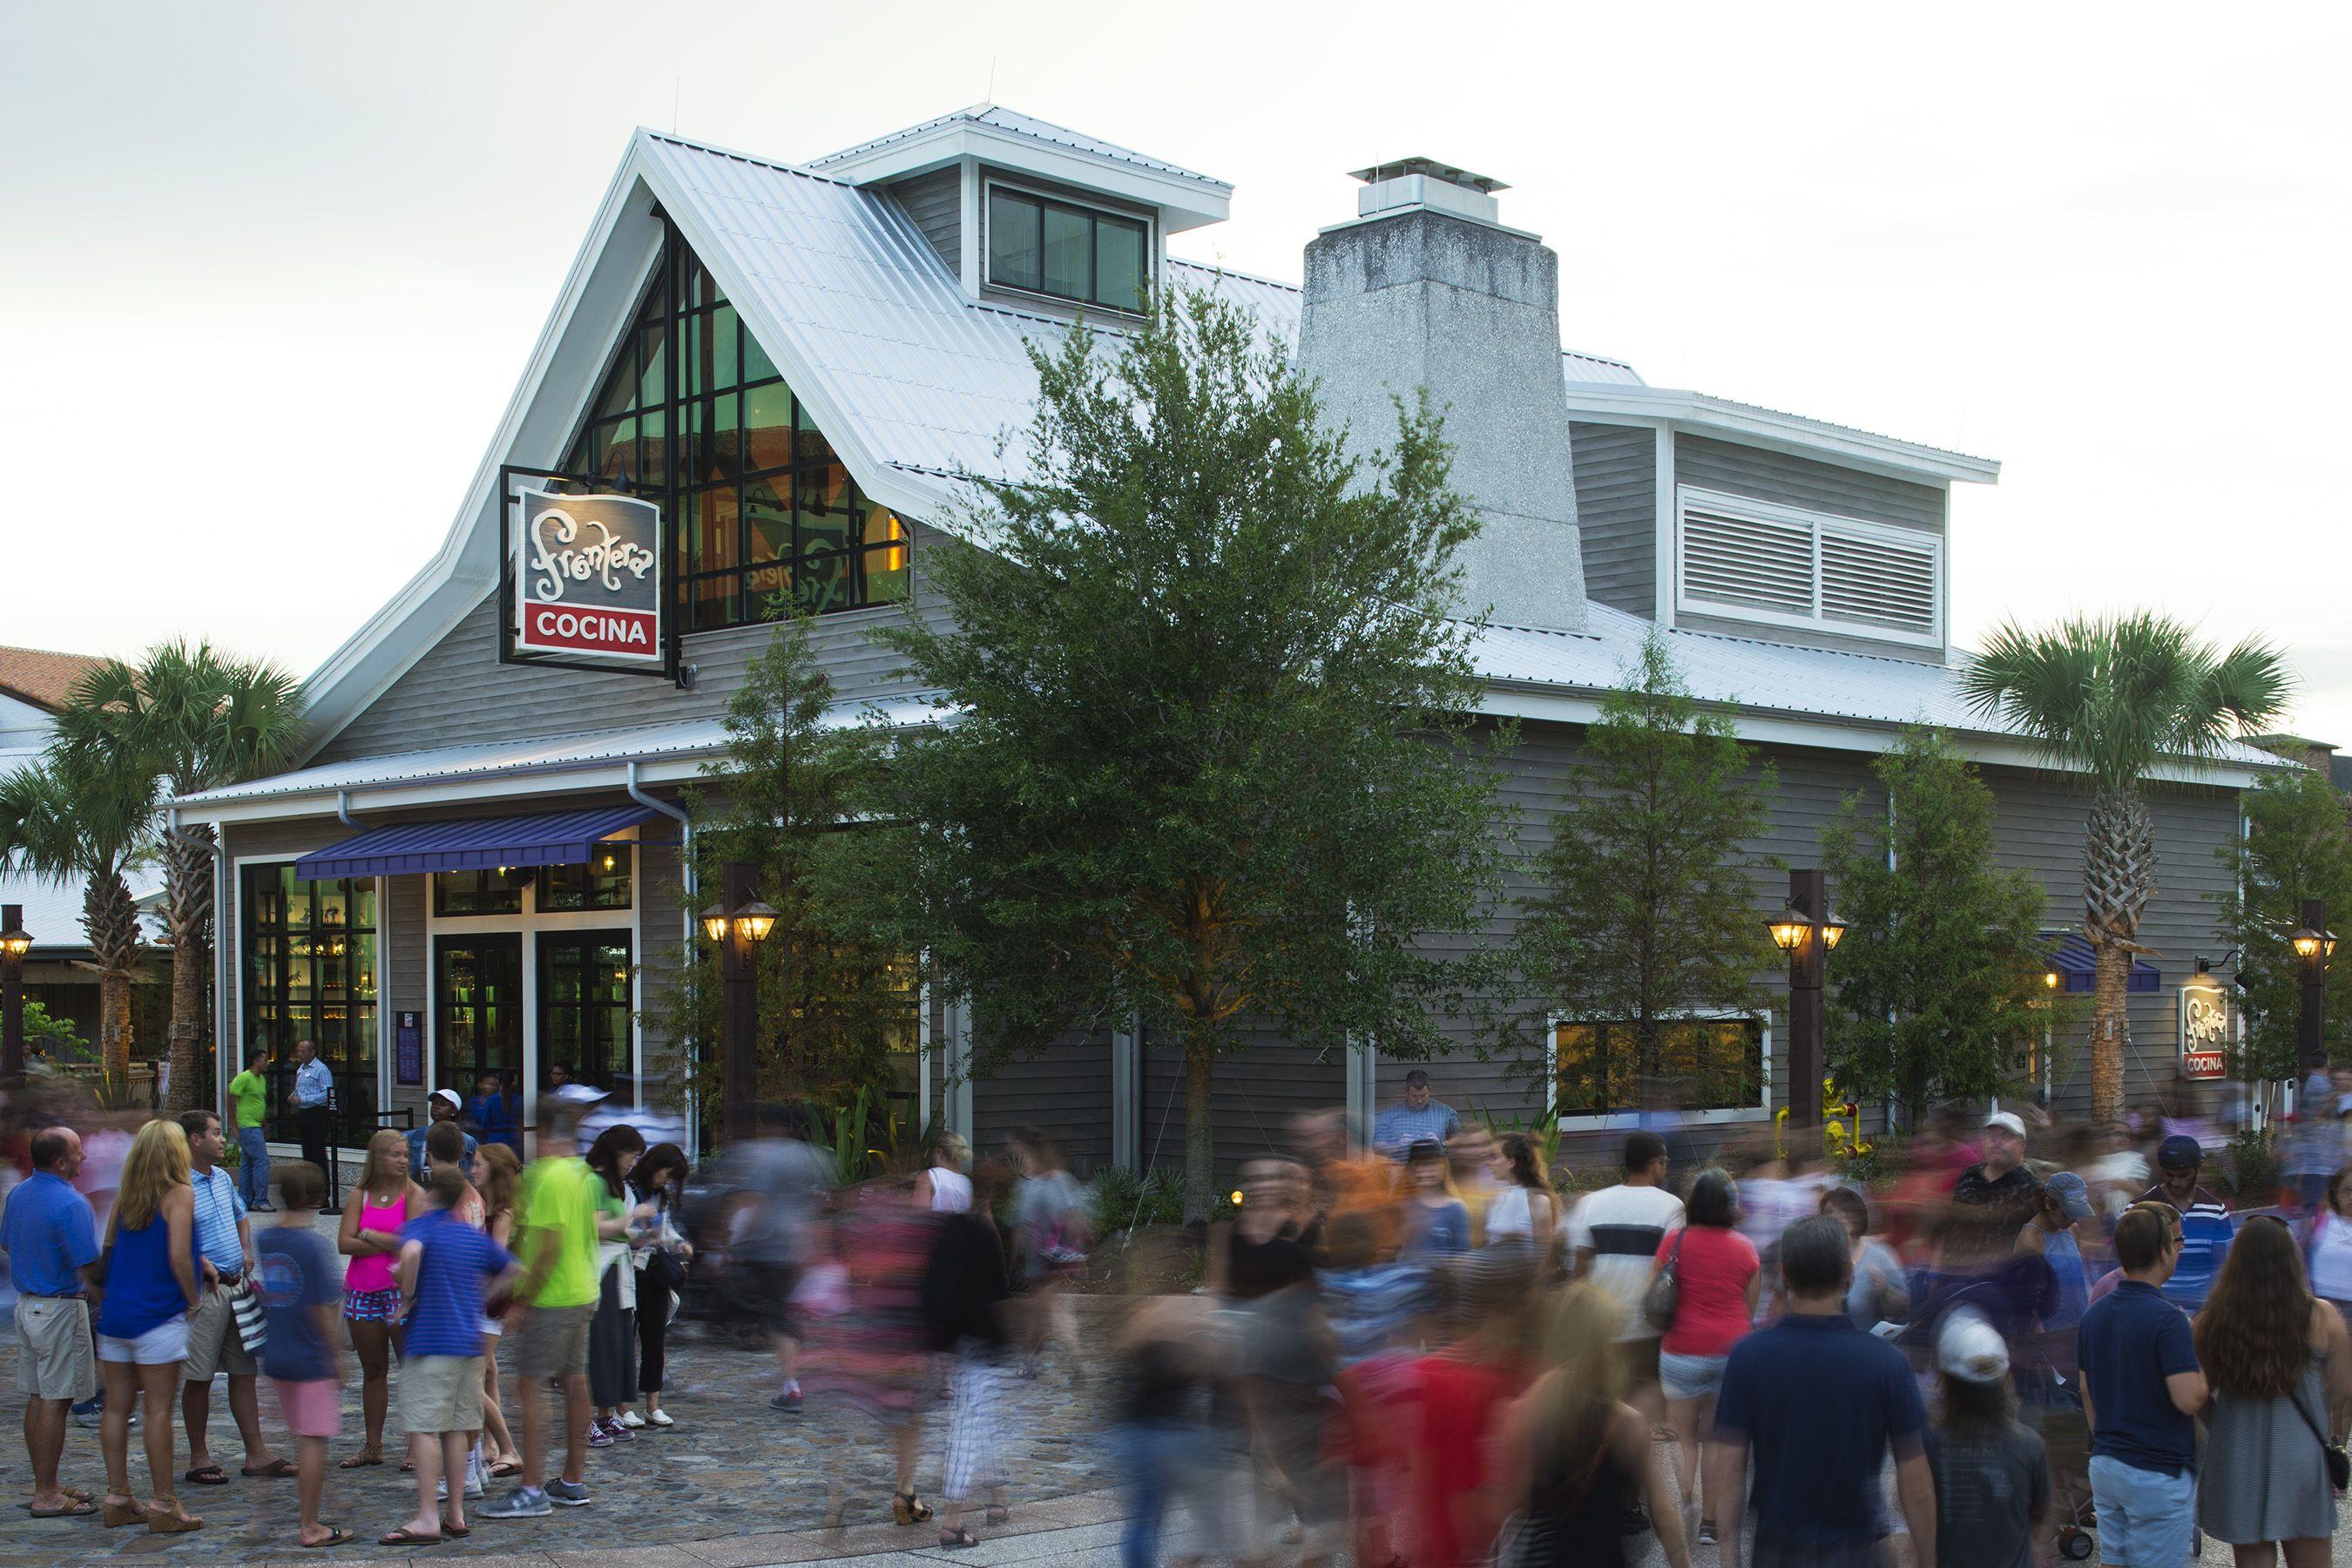 Frontera Cocina Disney Springs Orlando